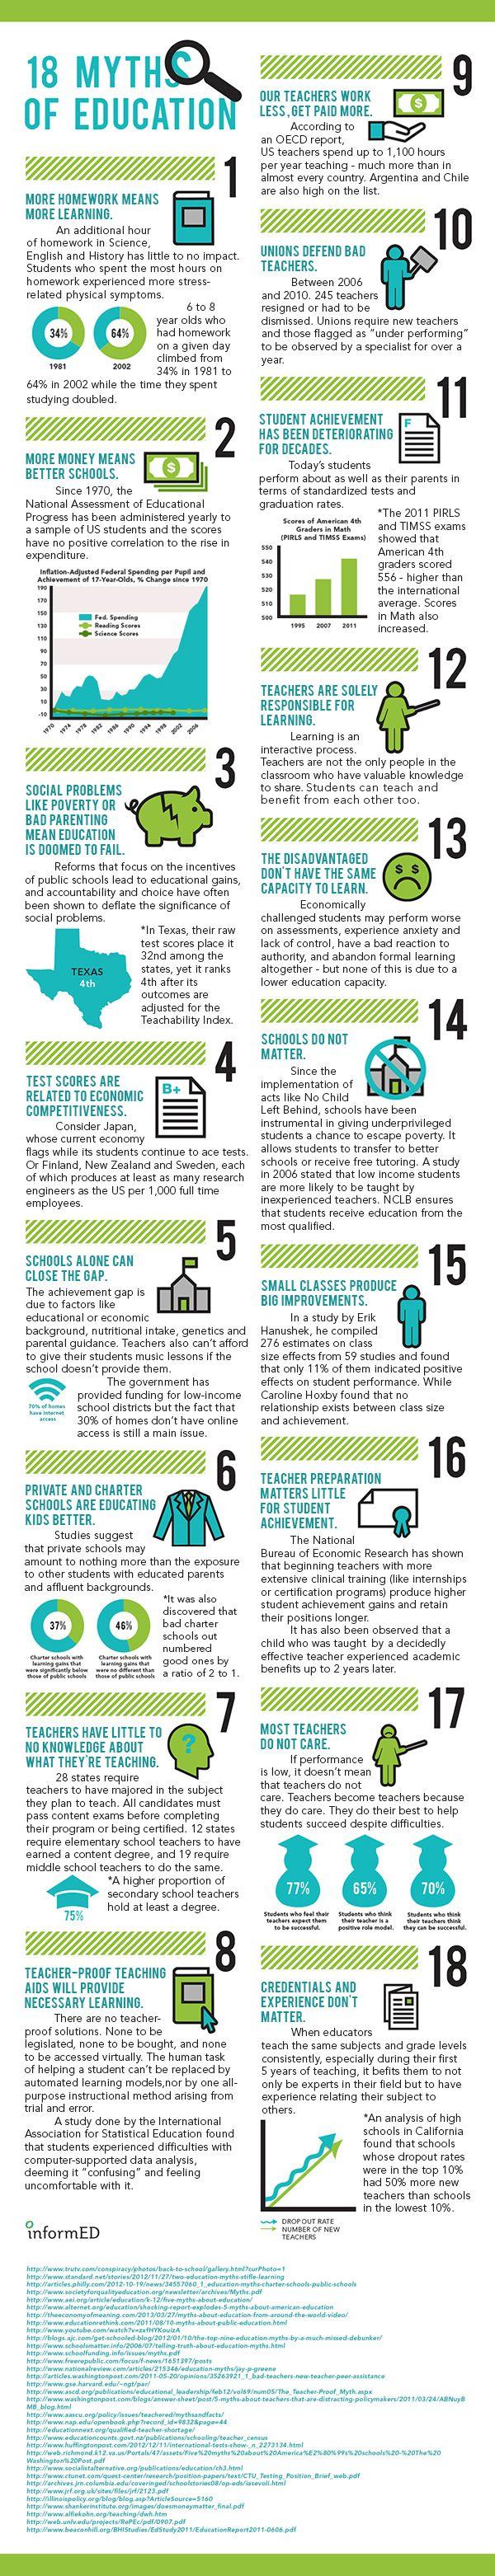 18 Myths of #Education